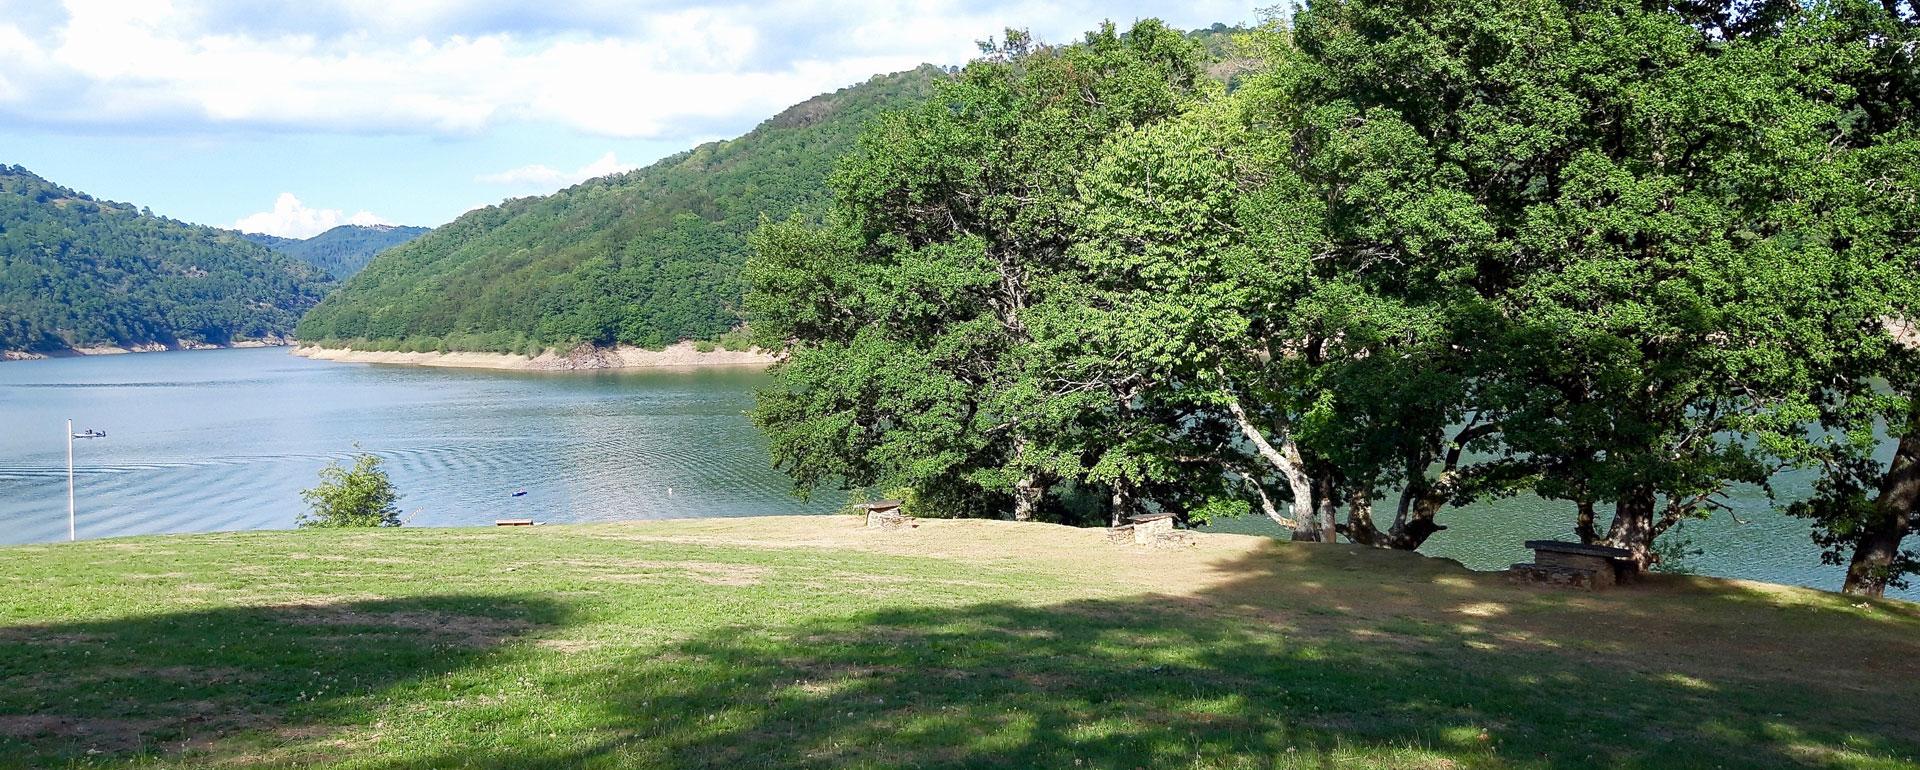 Lac de Sarrans - Presqu'île de Laussac - Aveyron